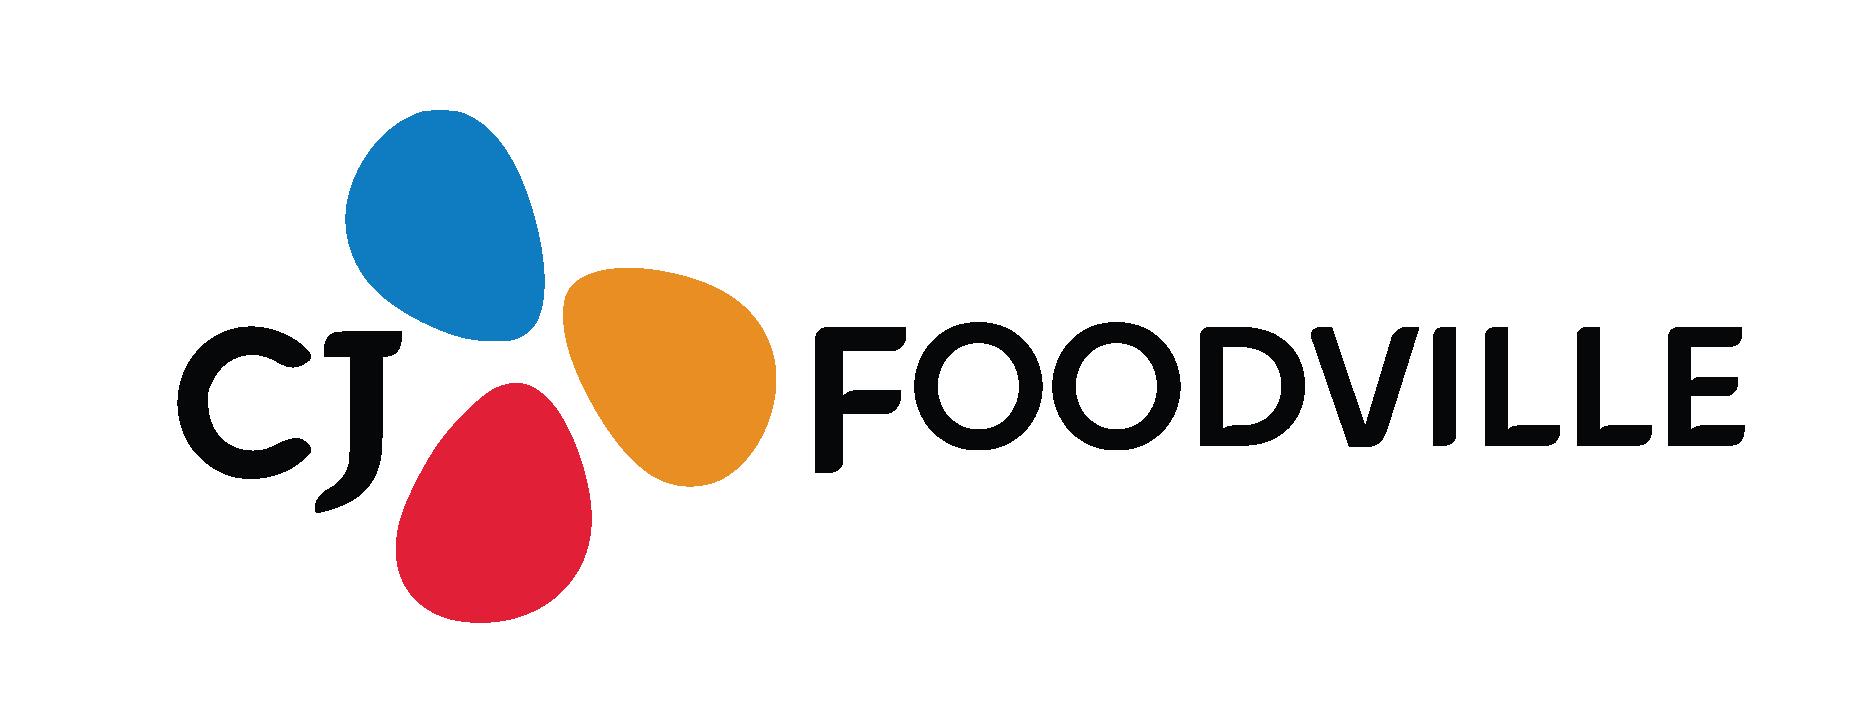 CJ Foodville Việt Nam